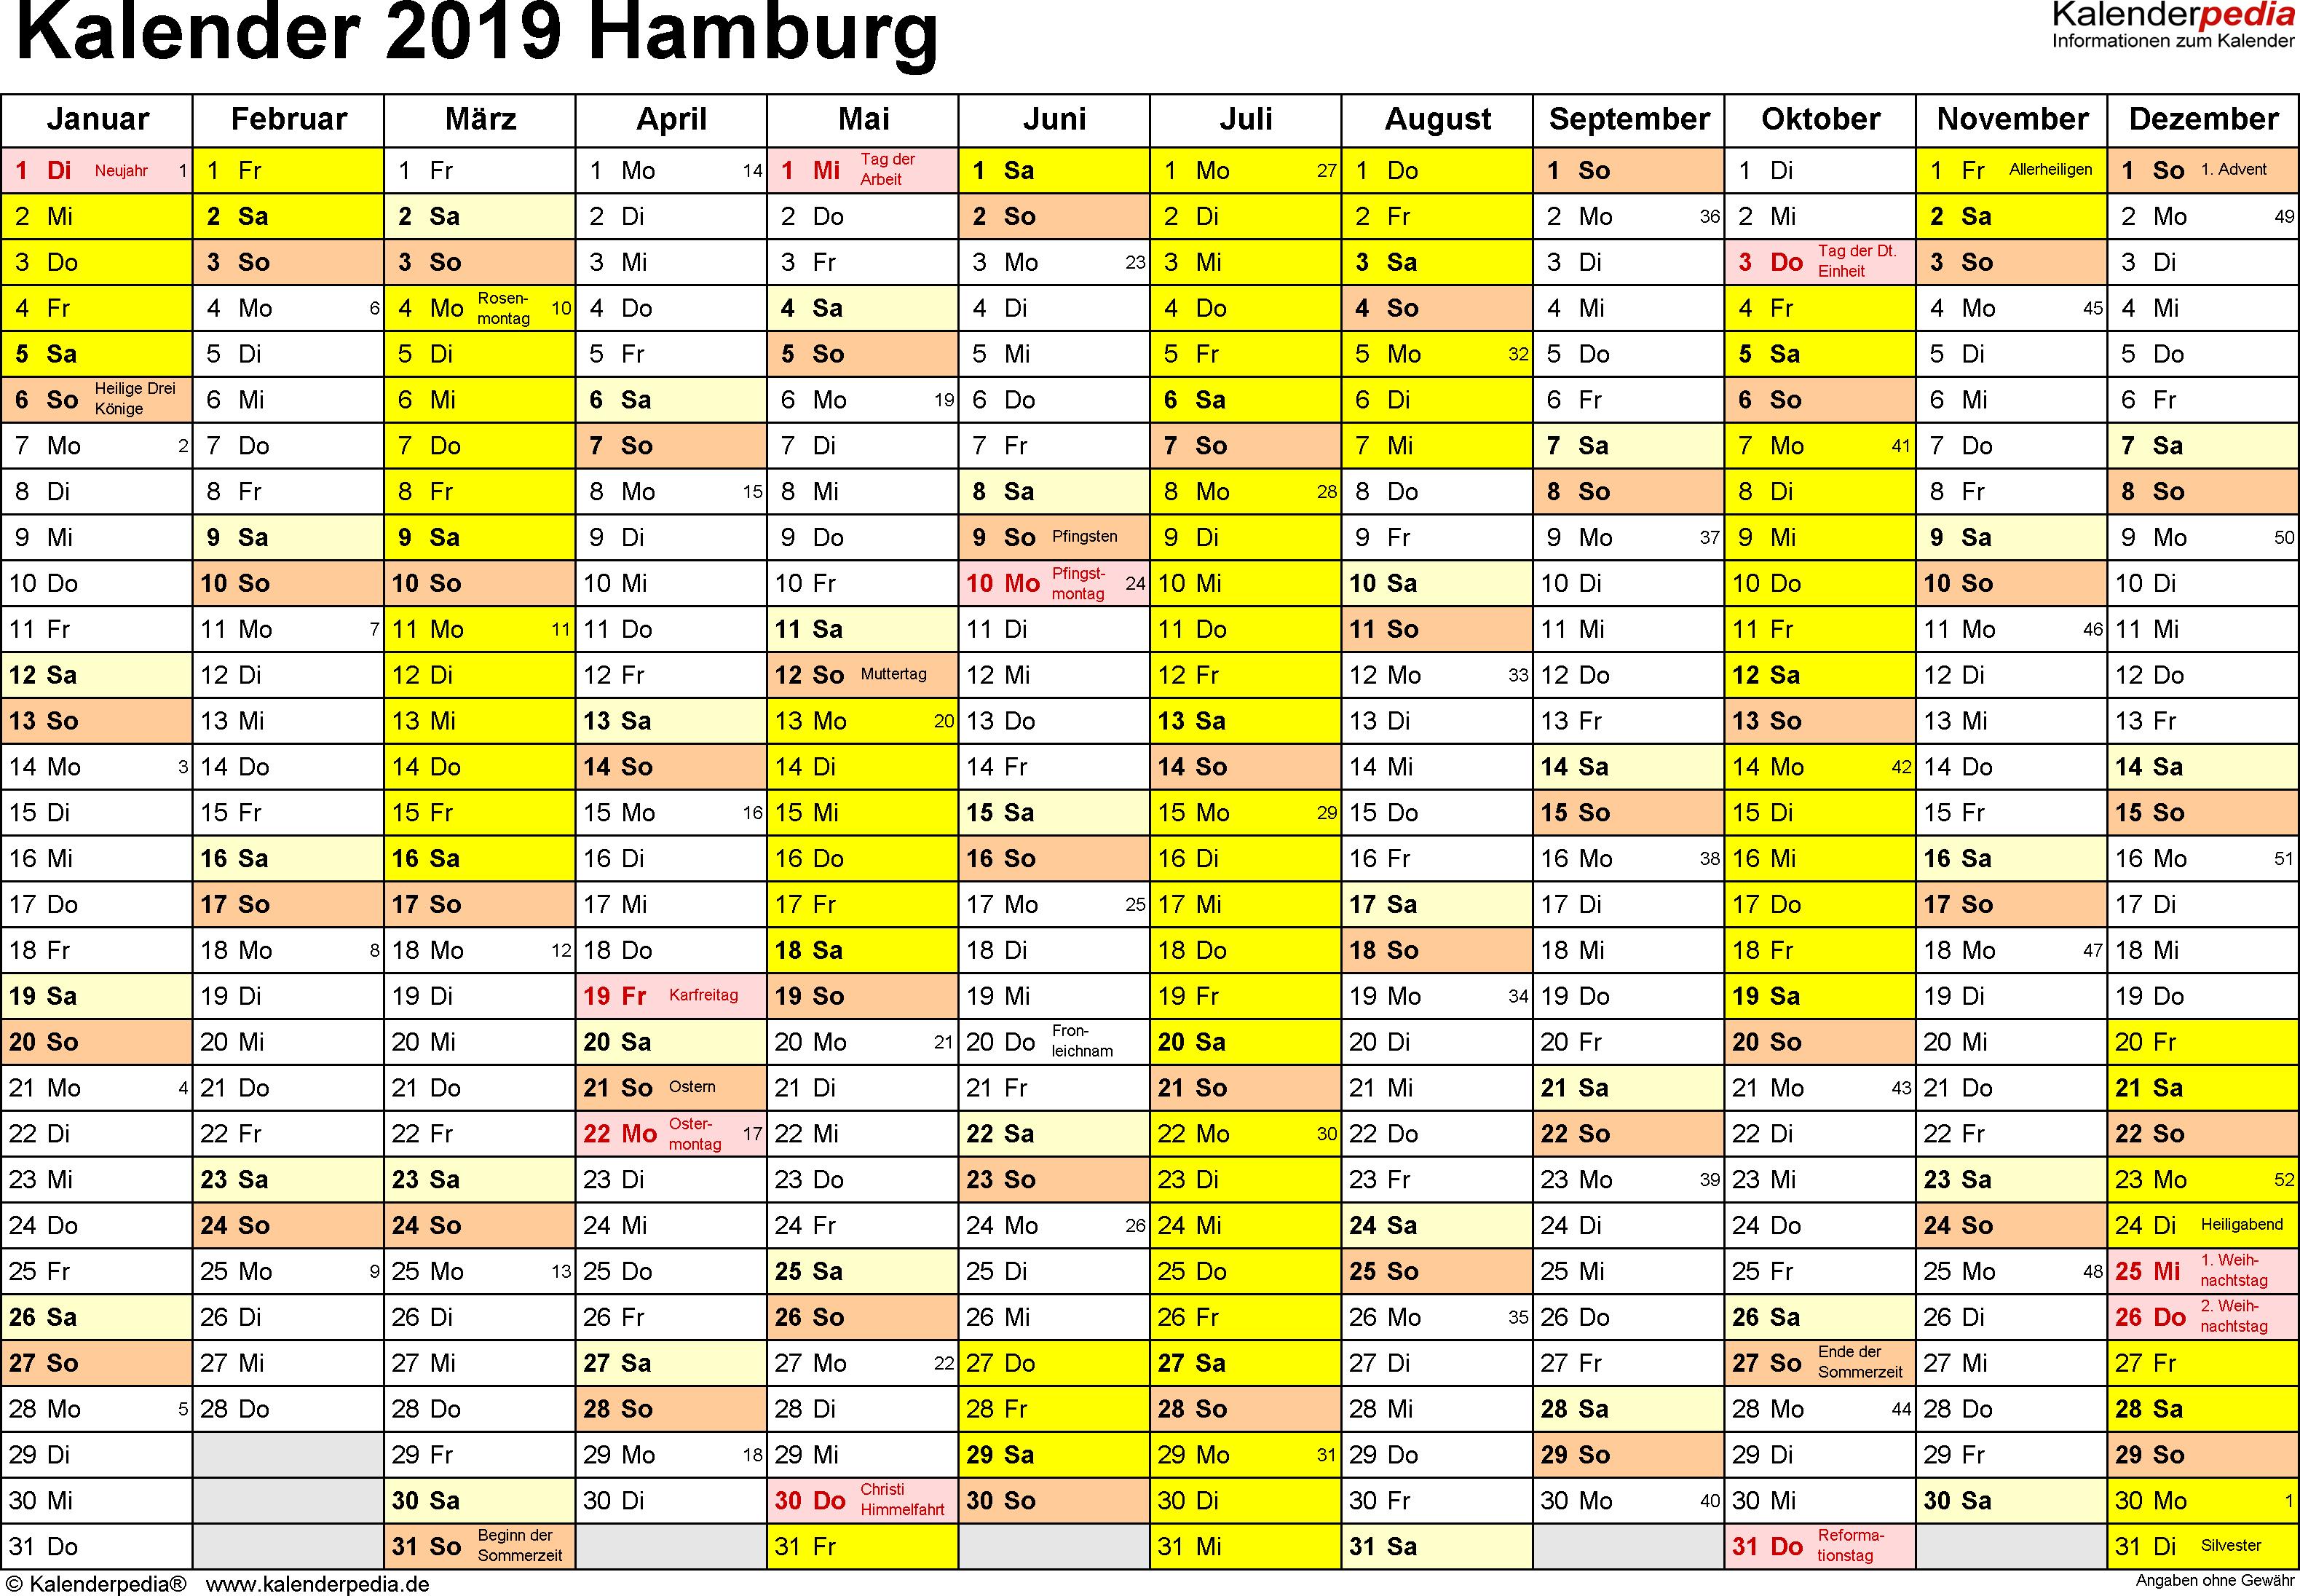 Vorlage 1: Kalender 2019 für Hamburg als Word-Vorlagen (Querformat, 1 Seite)